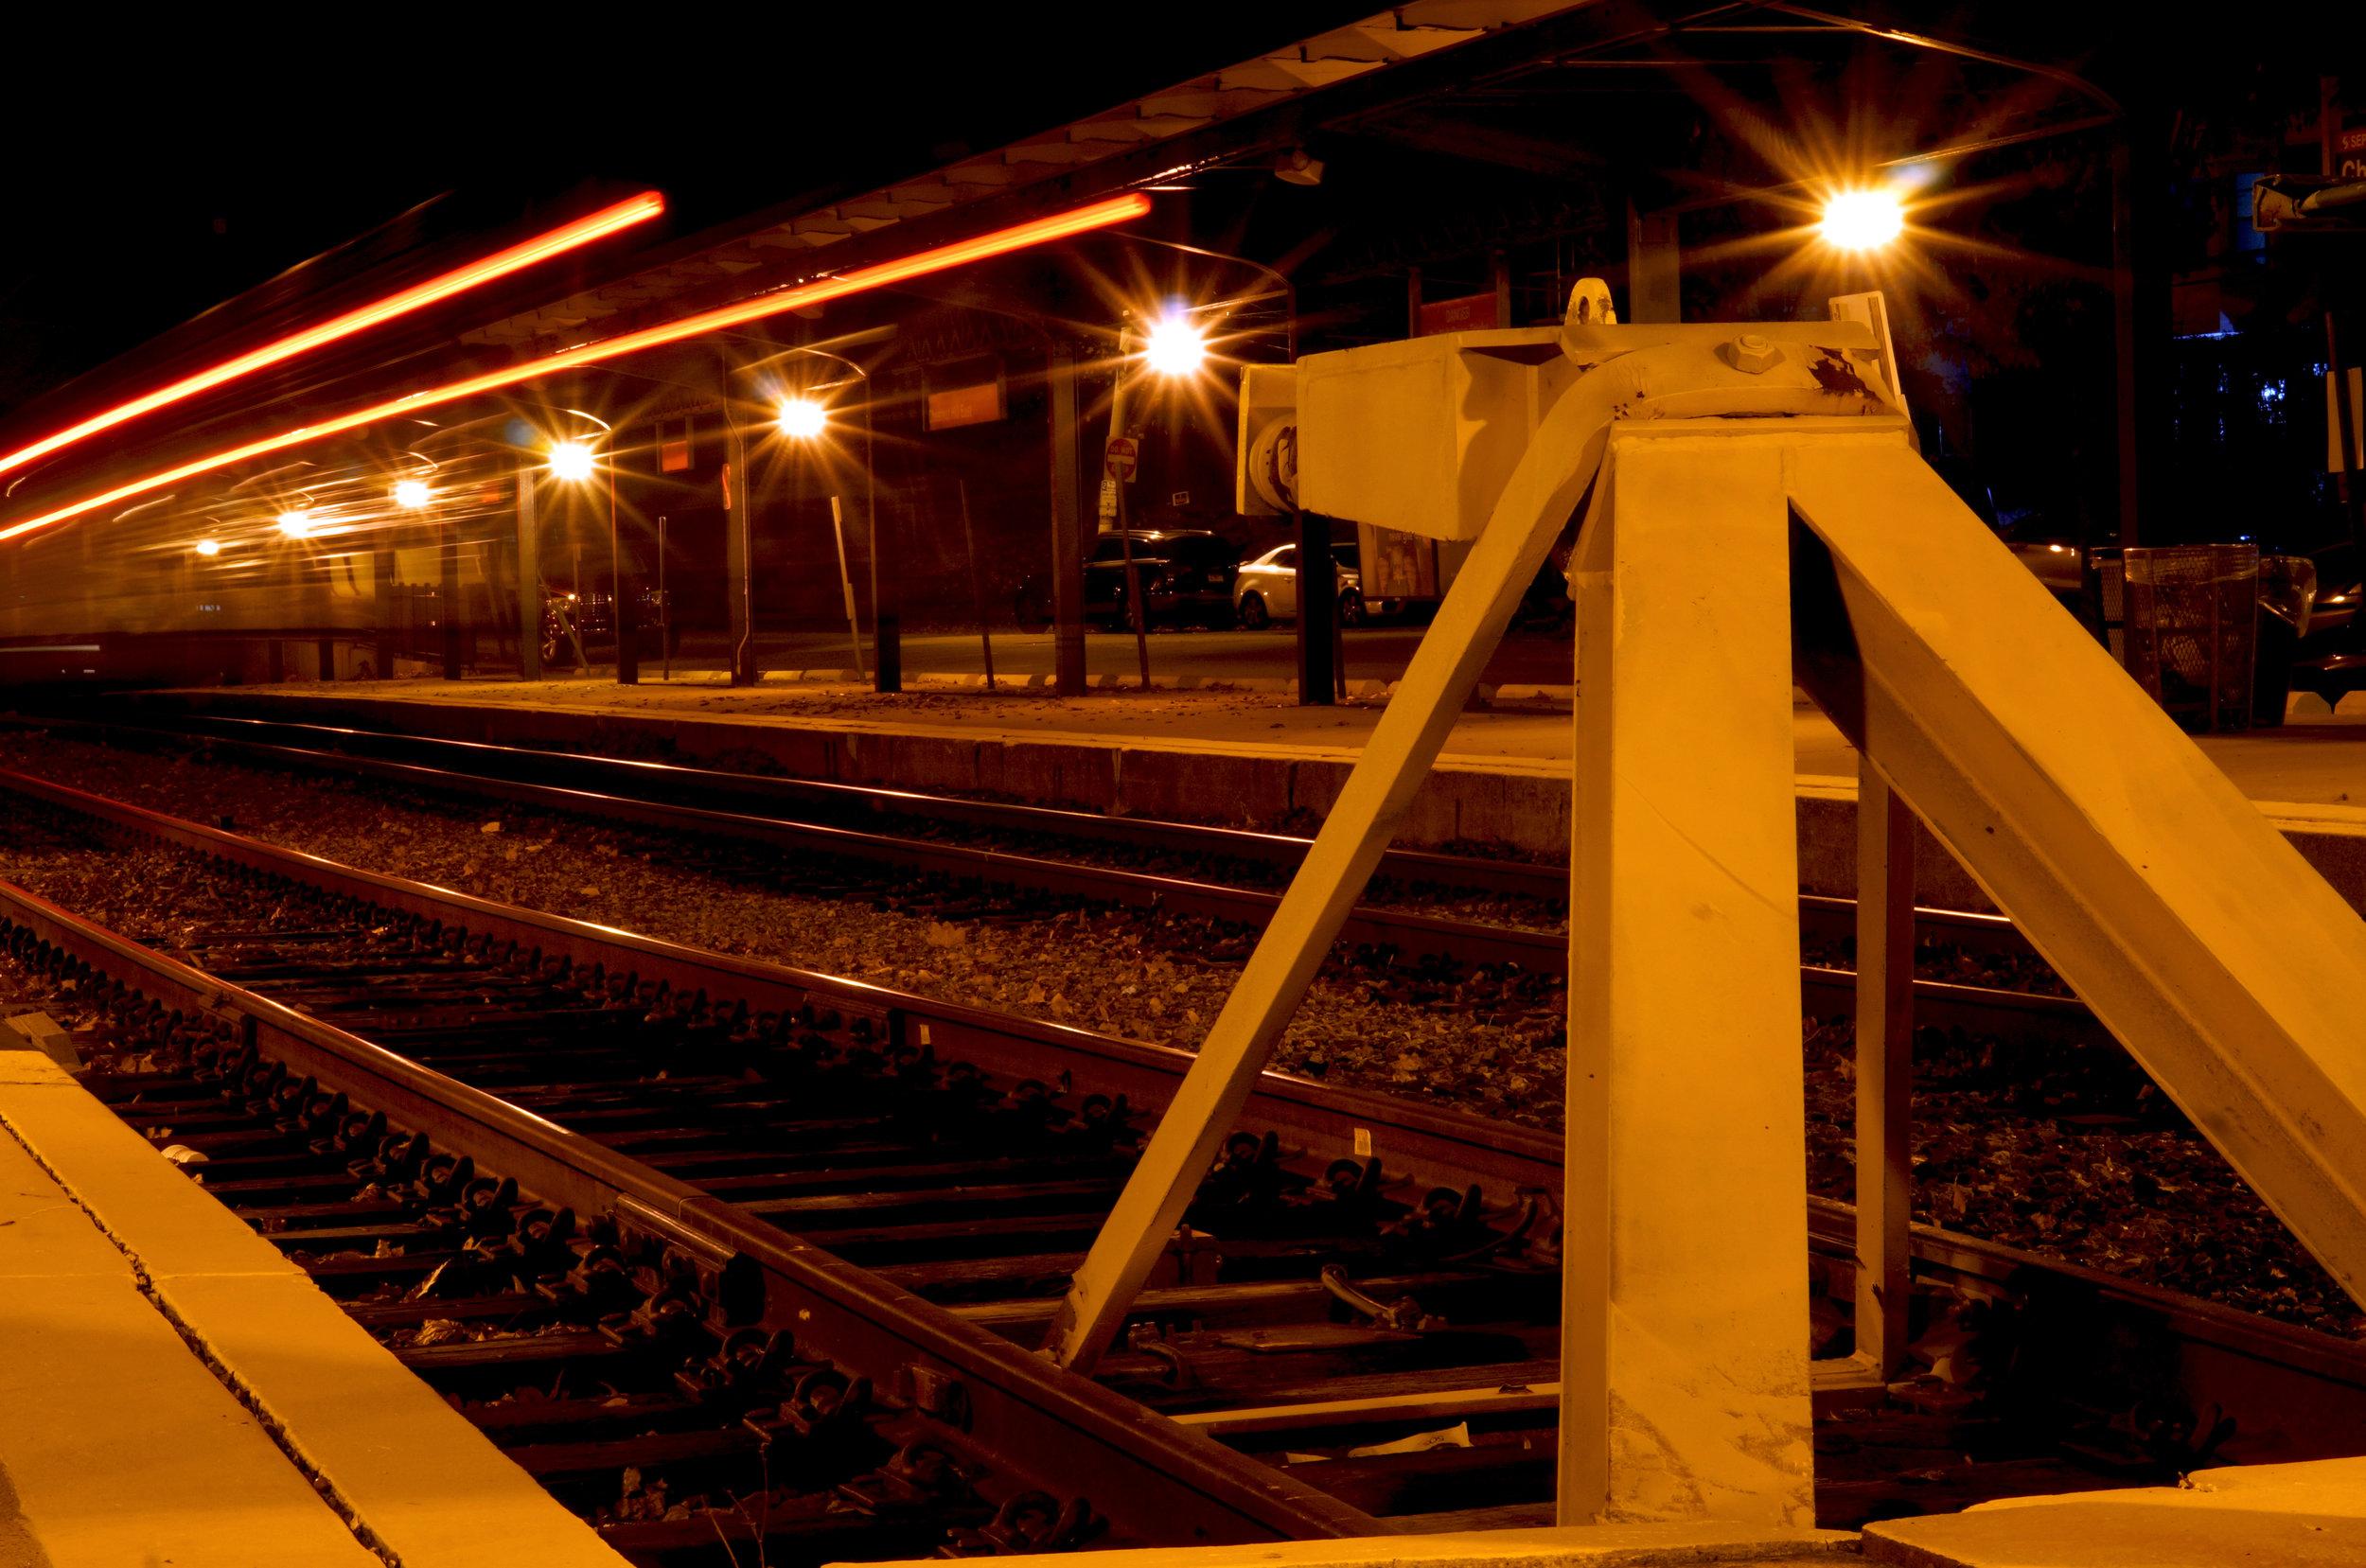 Chestnut Hill East line, Philadelphia